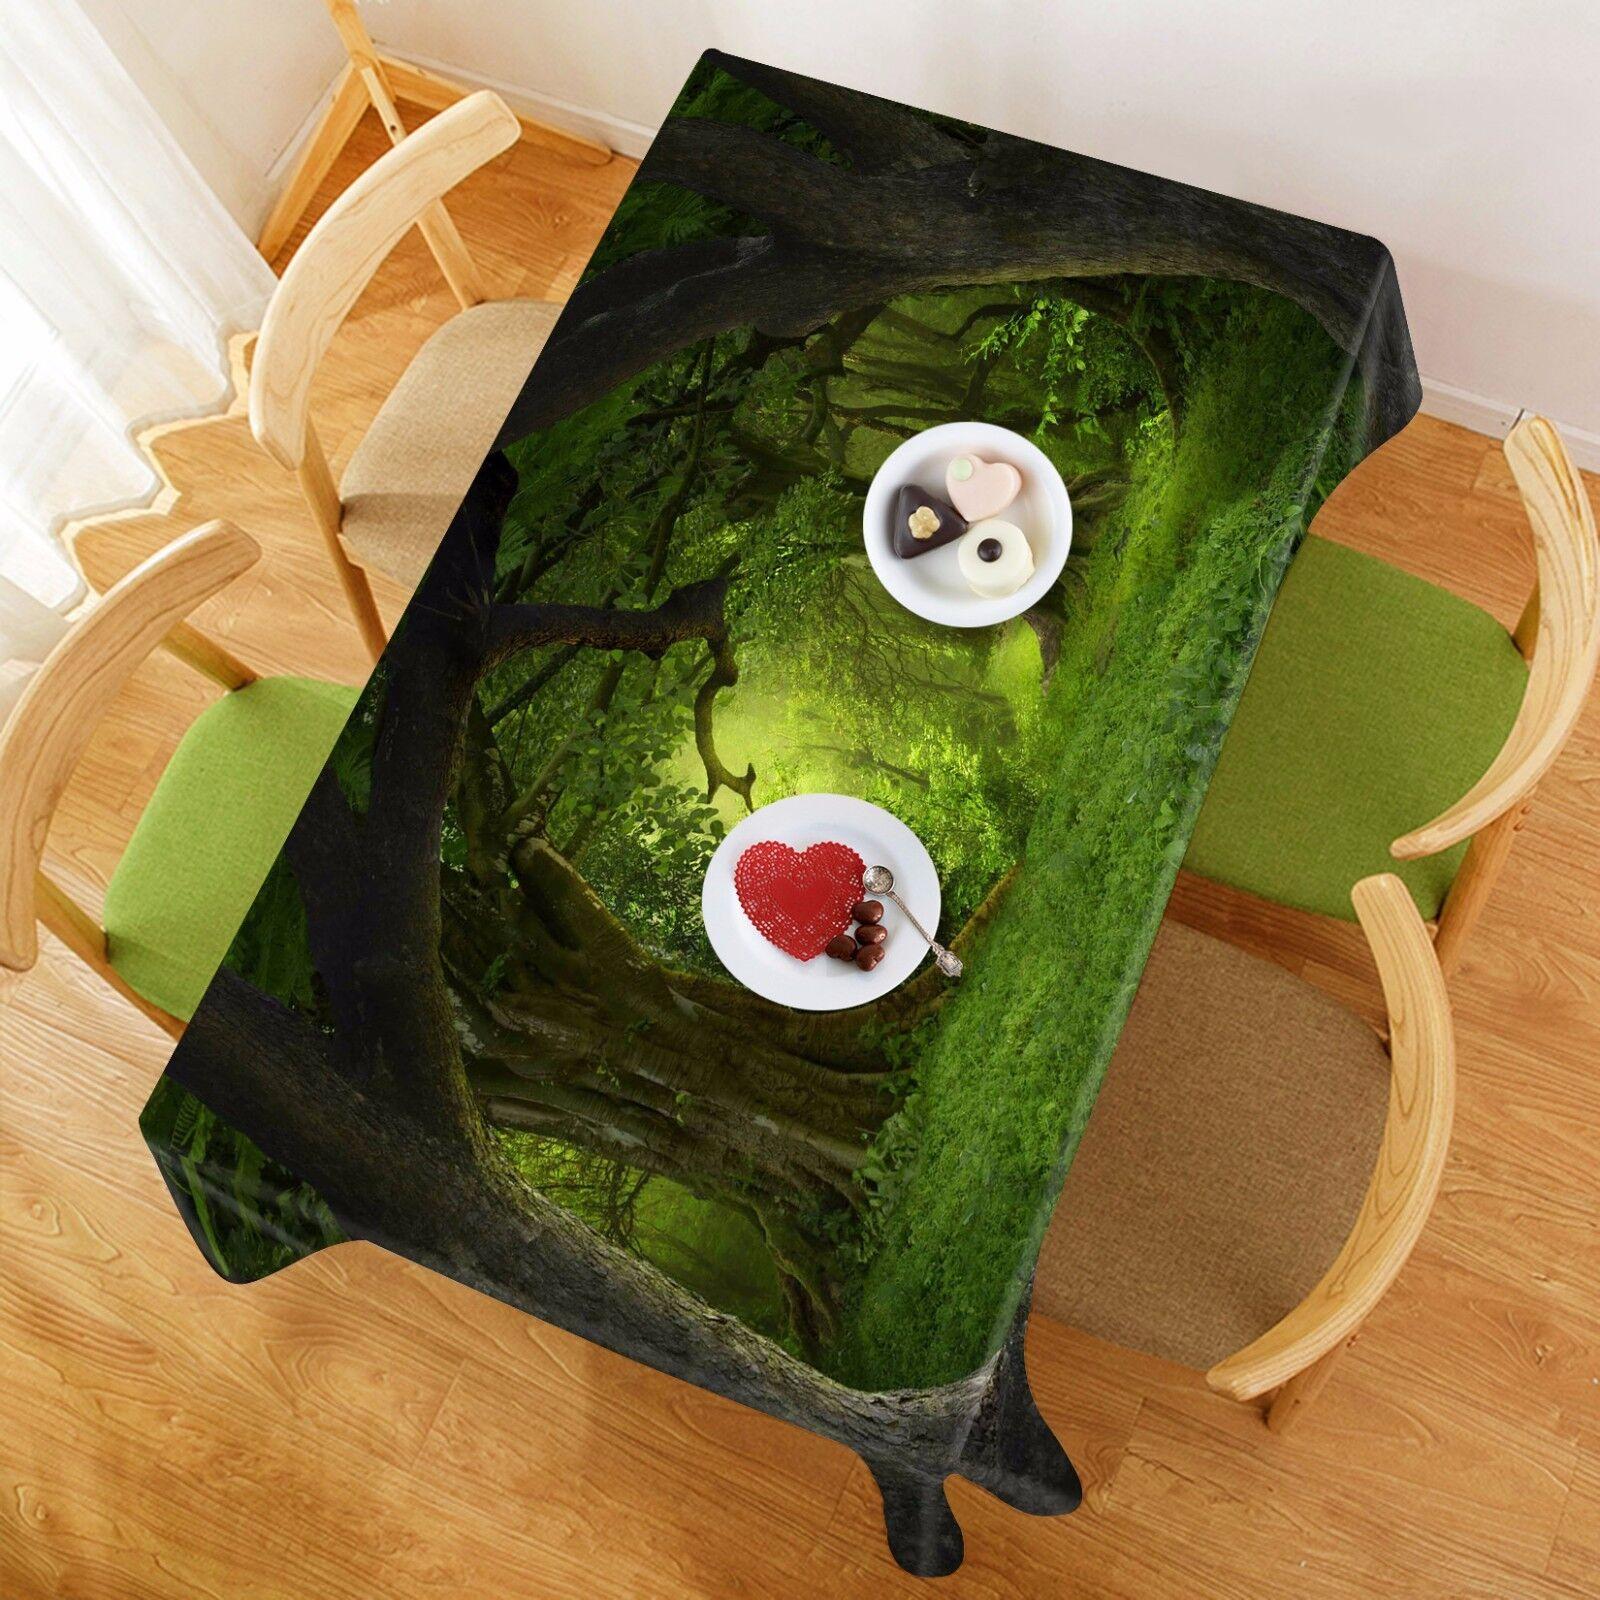 3D Gazon Arbre 5 Nappe Table Cover Cloth fête d'anniversaire AJ papier peint Royaume-Uni Citron